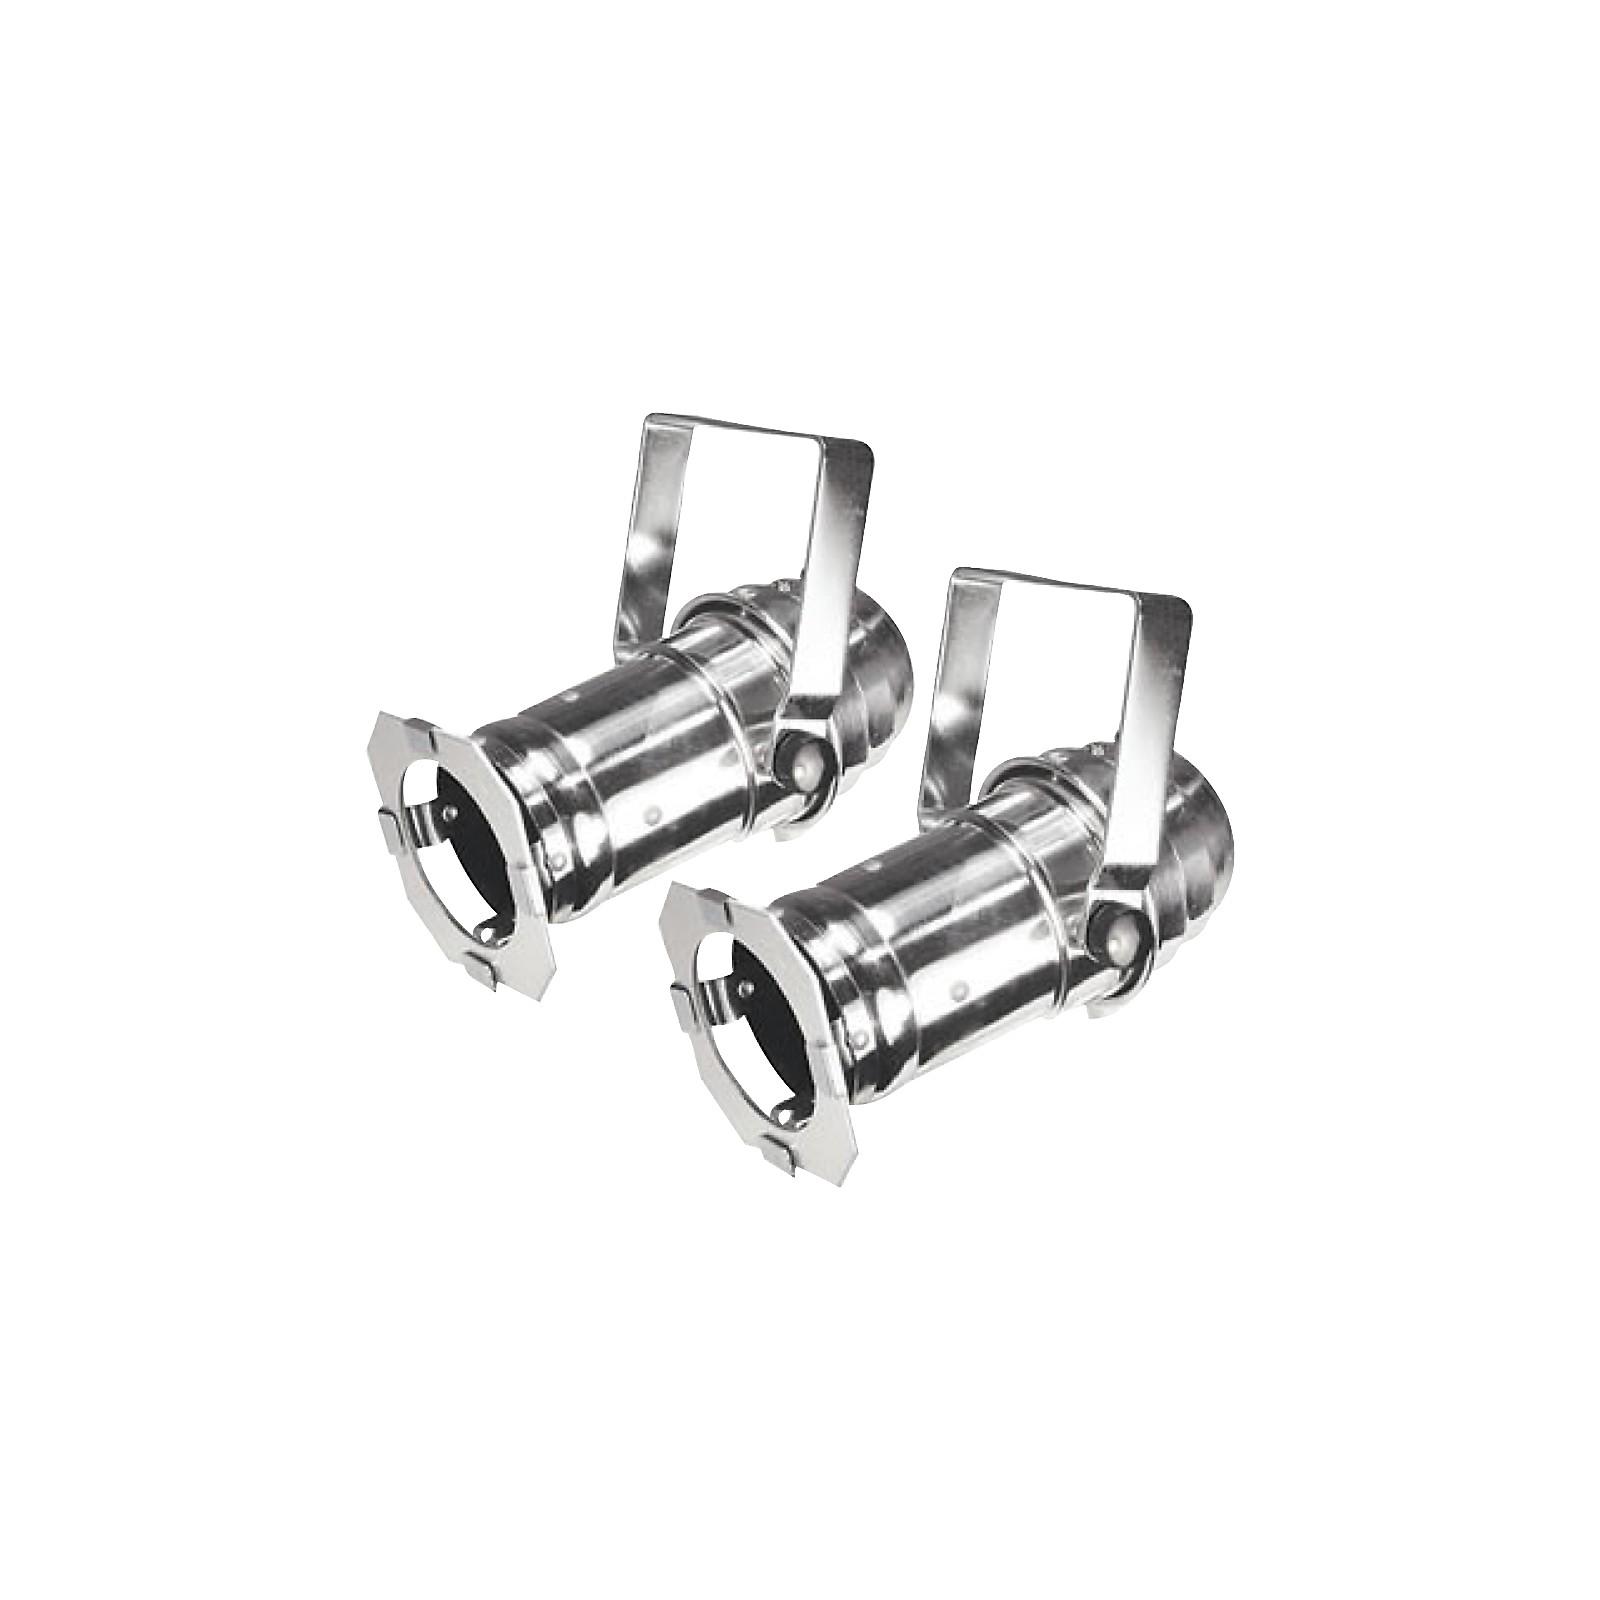 Odyssey PAR 16 Aluminum Pin Spot Lights 2-pack